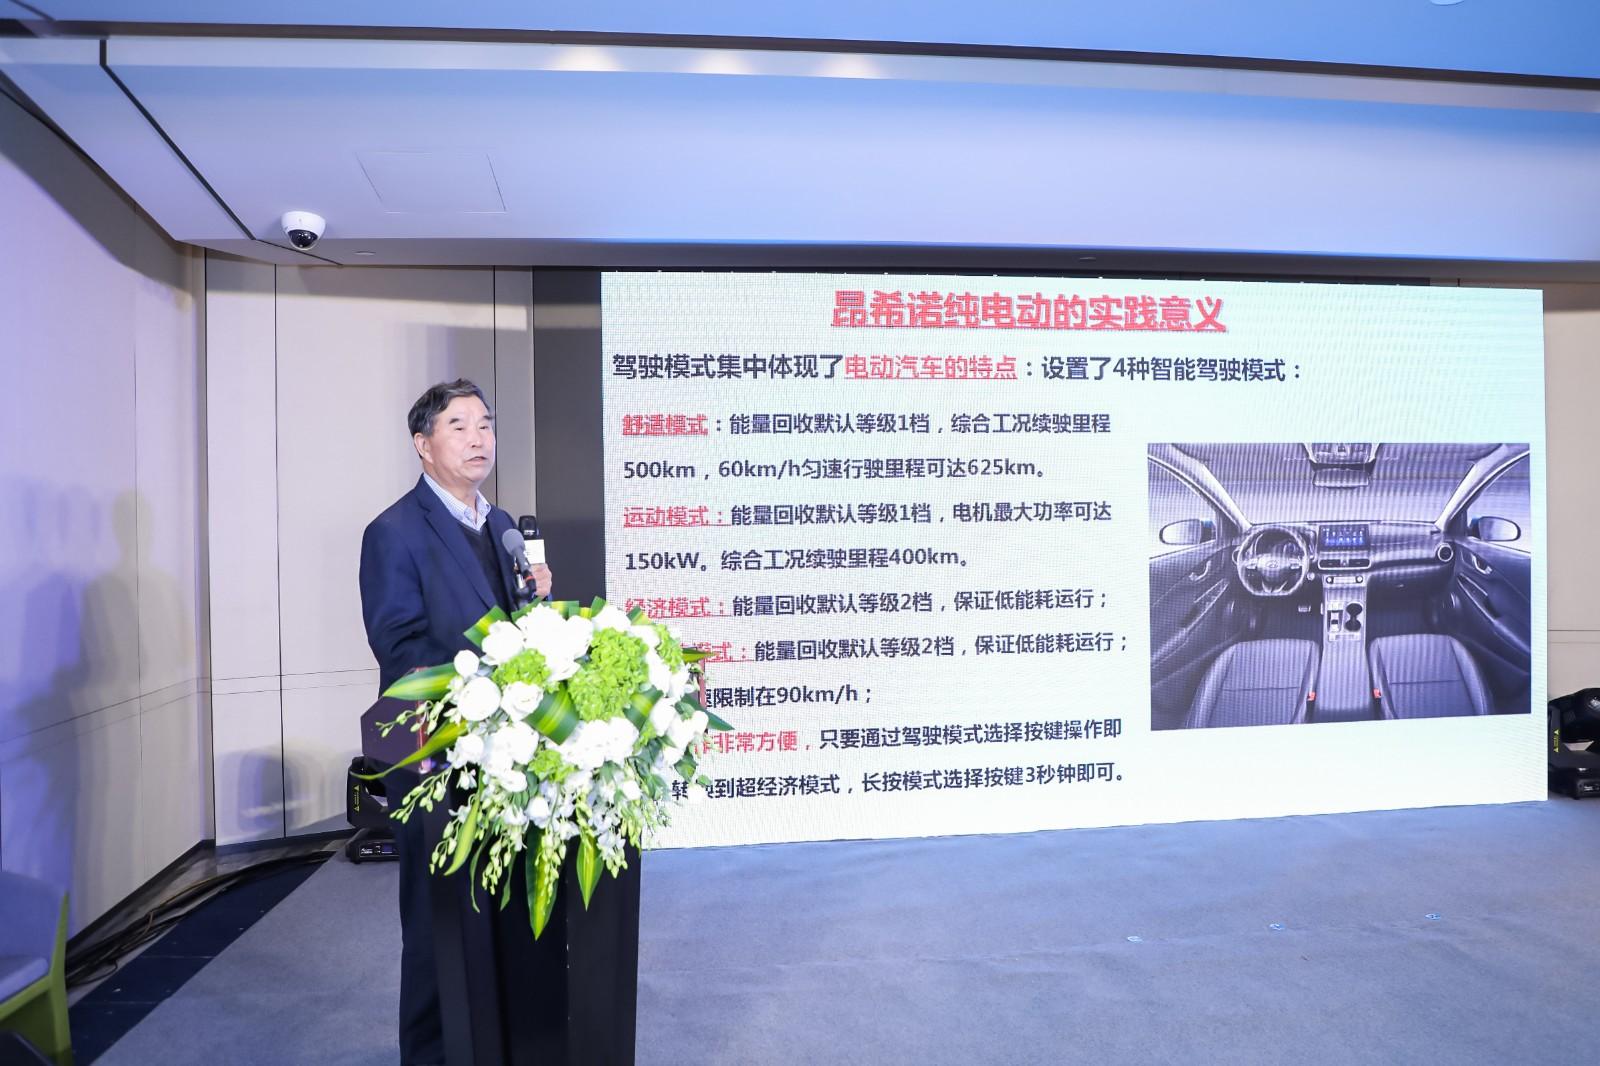 中国汽车工程学会电动汽车分会理事长 陈全世